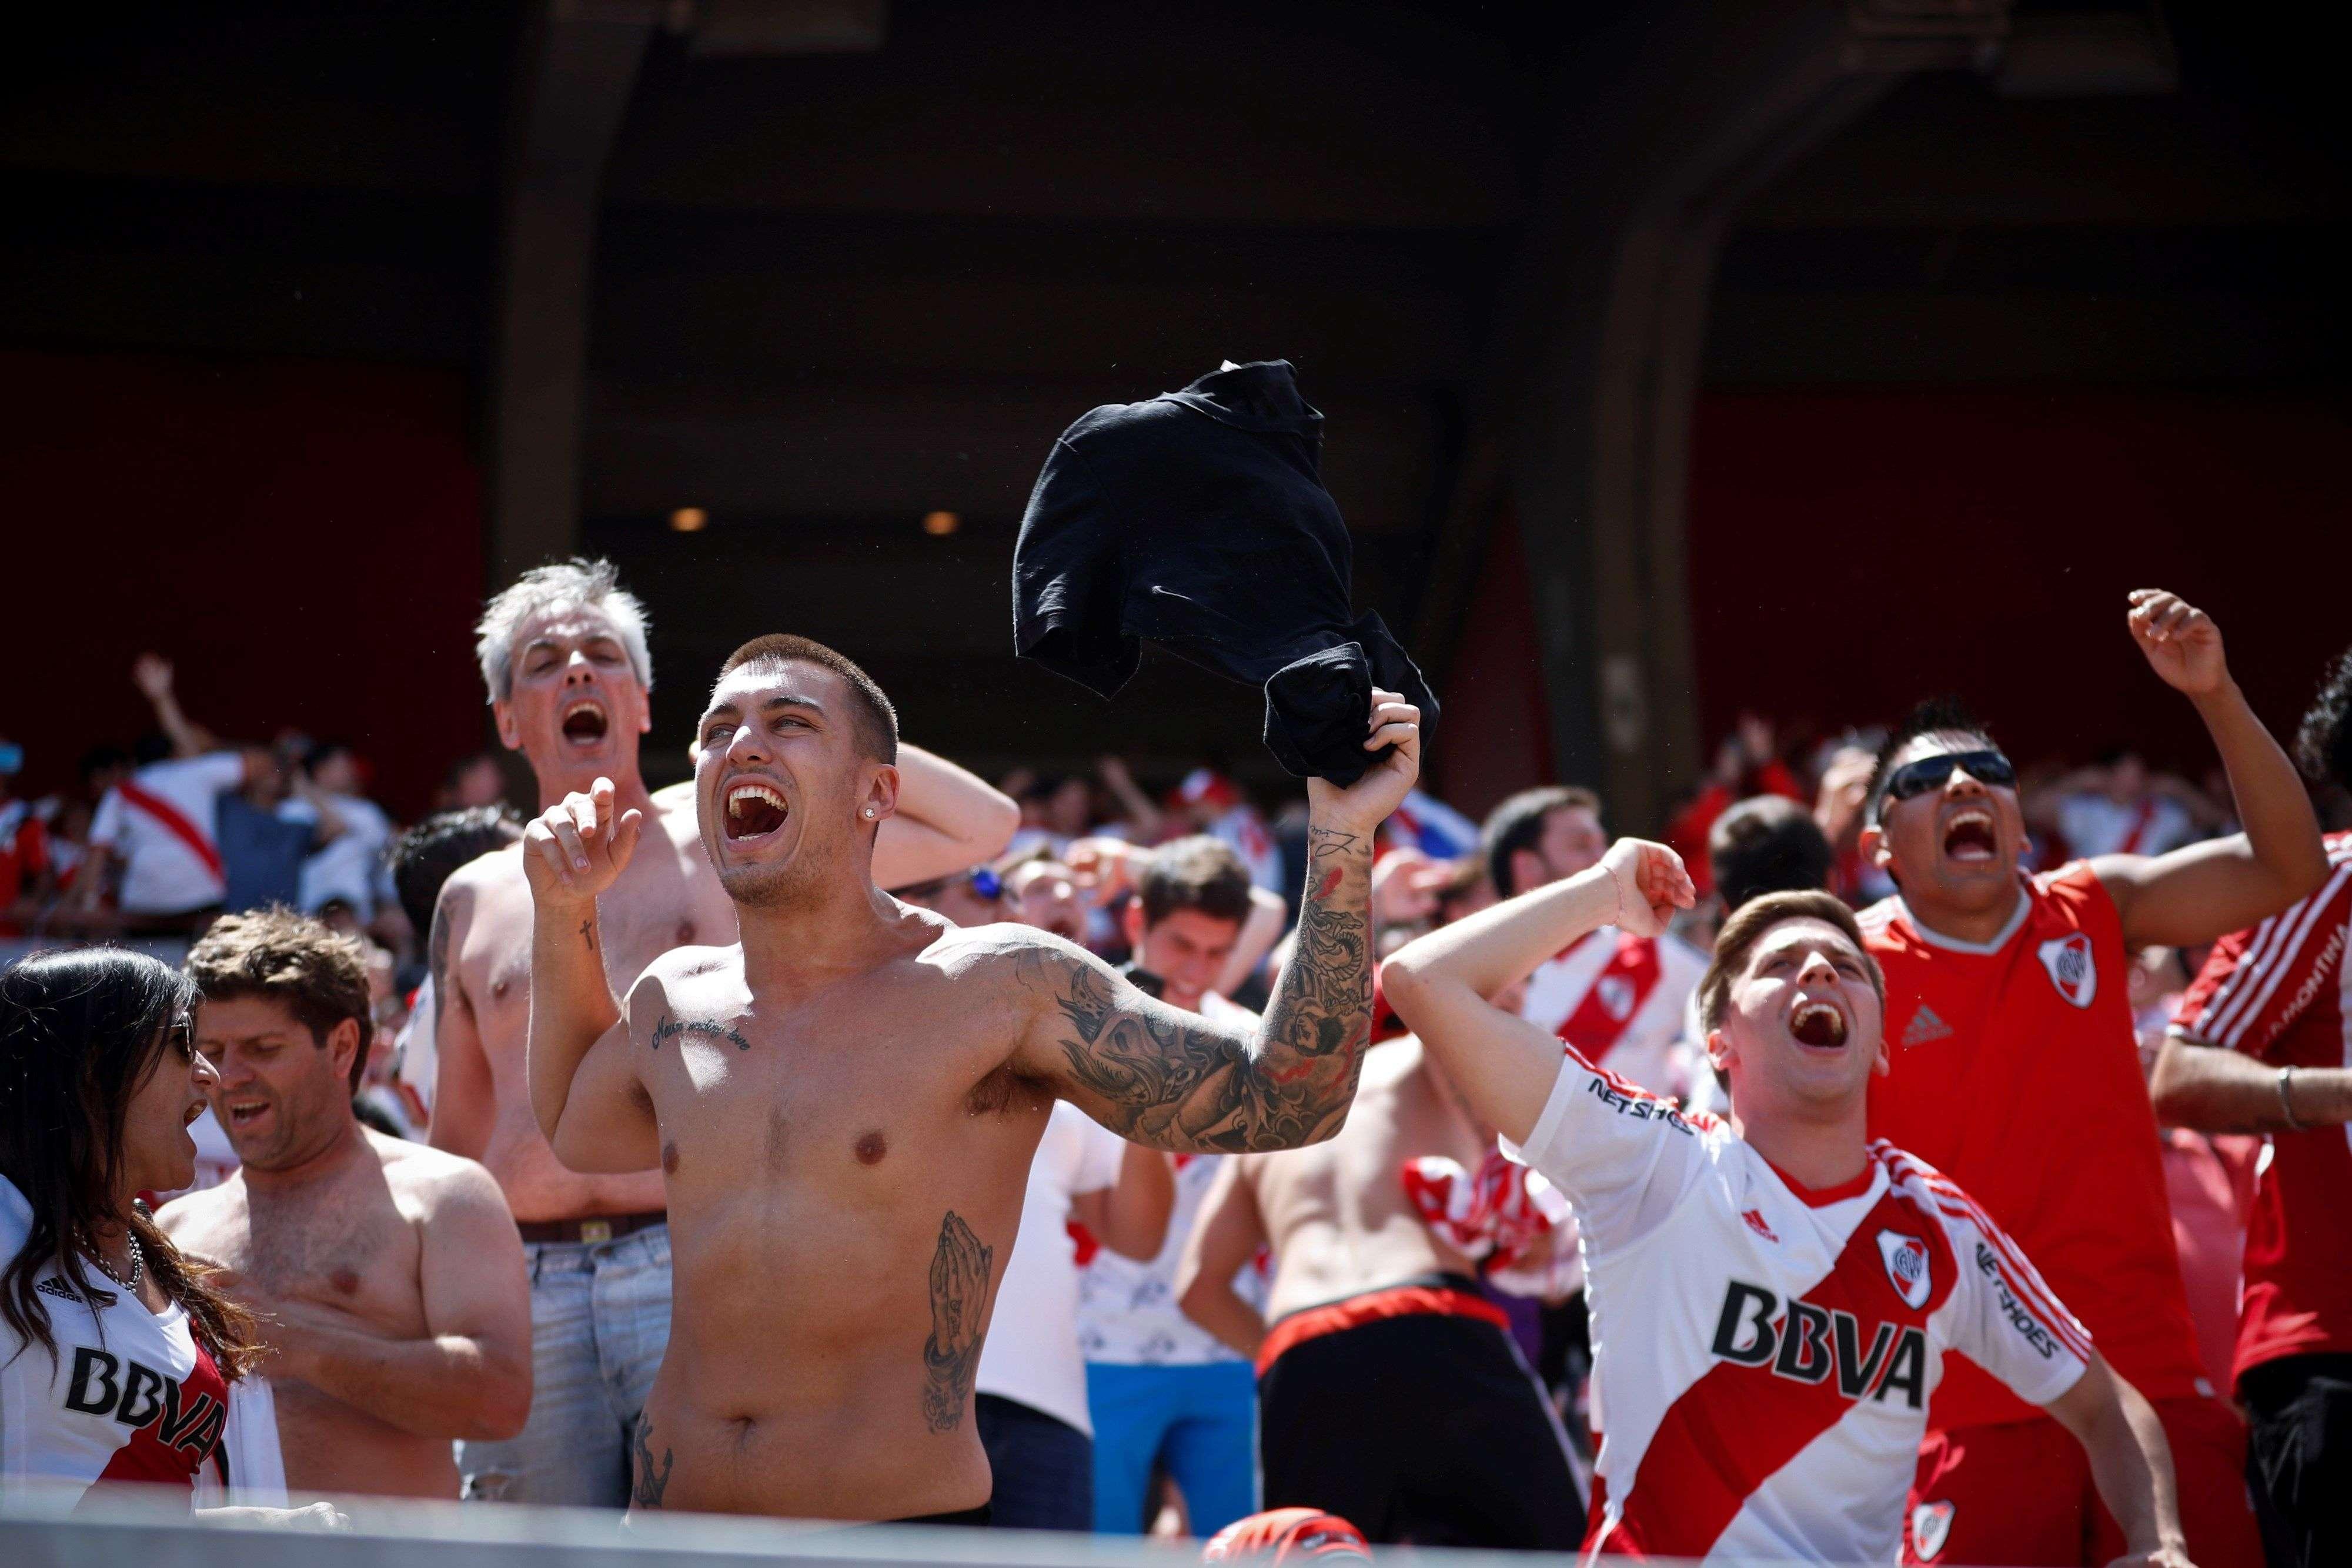 Aficionados de River Plate se hacen sentir en las calles de Madrid. /AP